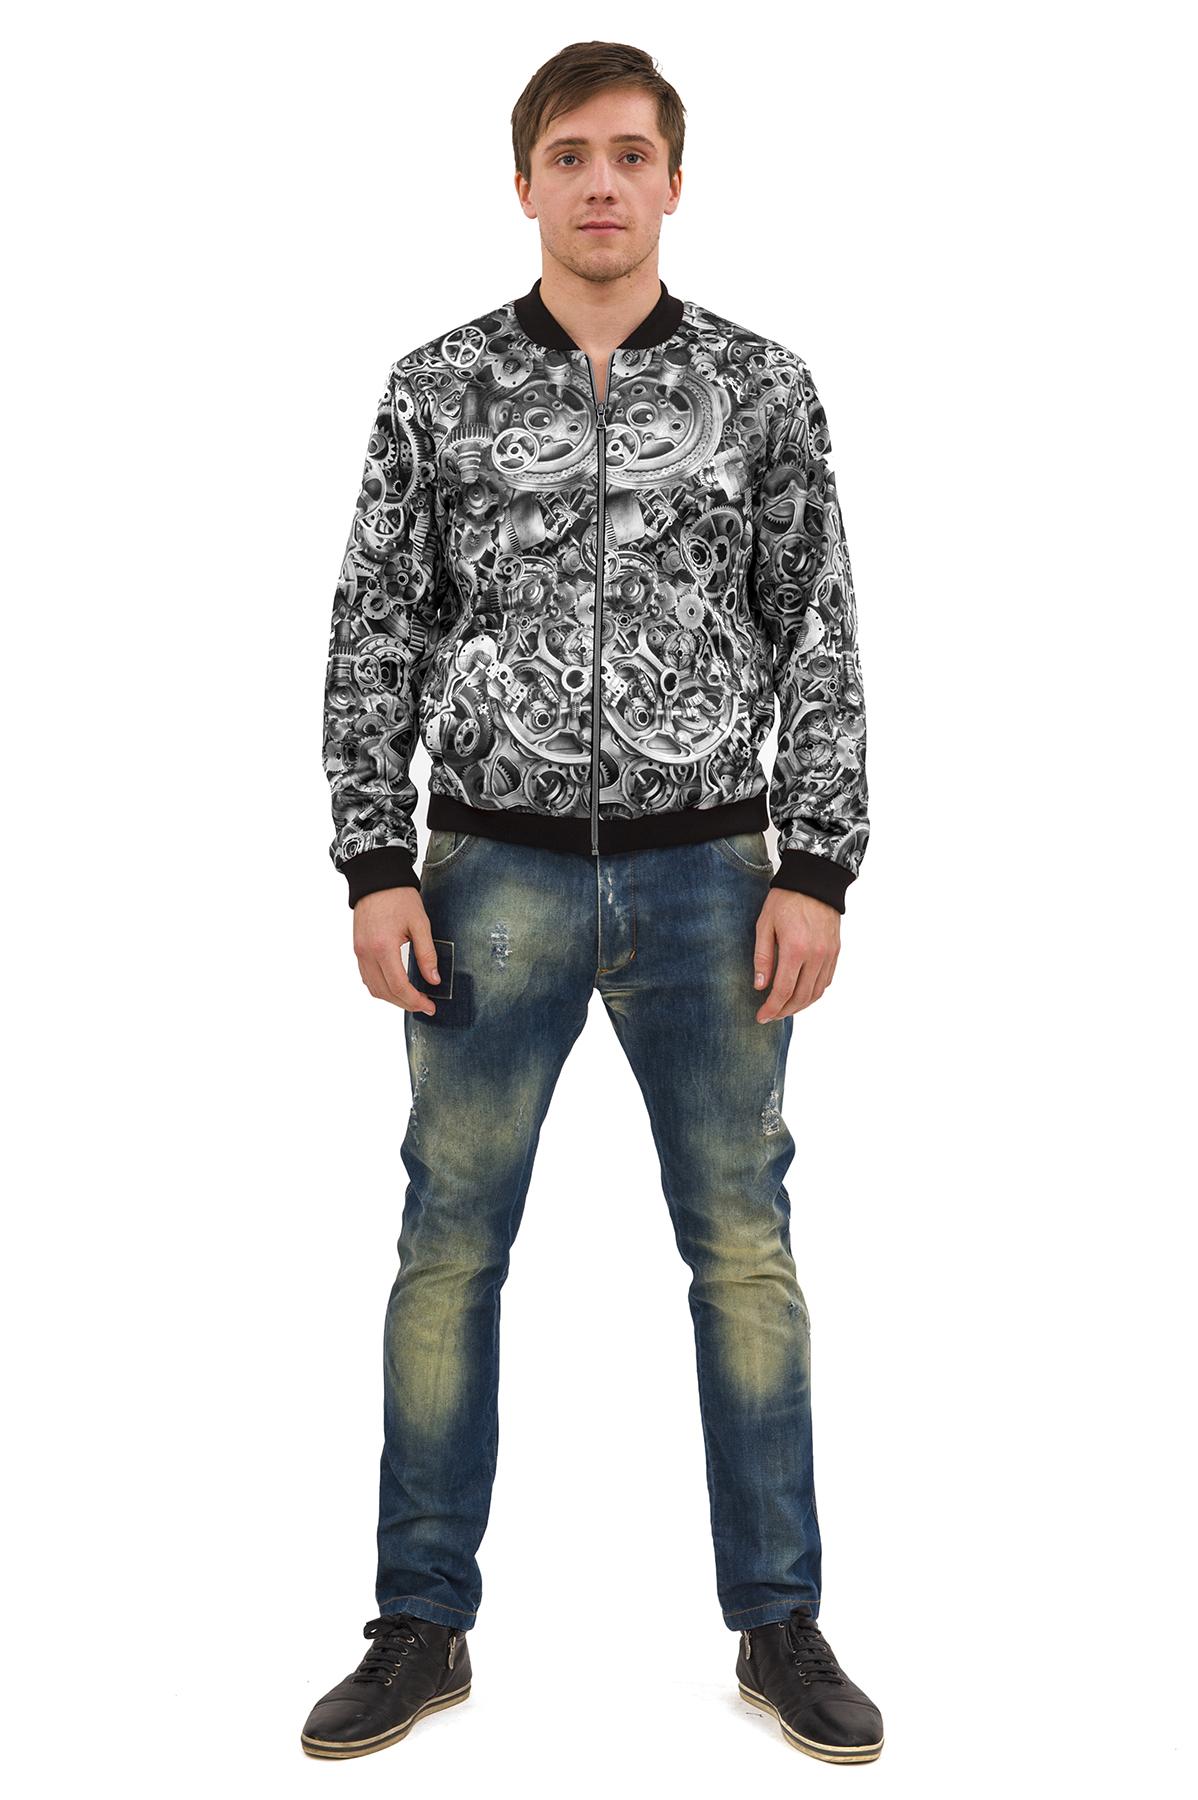 КурткаКуртки, пальто, ветровки<br>Стильный образ Вам поможет создать великолепная трикотажная куртка с длинными рукавами в актуальной яркой расцветке. Модель станет незаменимой вещью в мужском гардеробе.  Отличный вариант на каждый день. Коллекция Пуходелические сны осень-зима 2014/2014<br><br>Цвет: черный,белый<br>Состав: 50%хлопок, 30%полиэстер, 17%вискоза, 3%эластан<br>Размер: 44,46,48,50,52,54,56,58<br>Страна дизайна: Россия<br>Страна производства: Россия